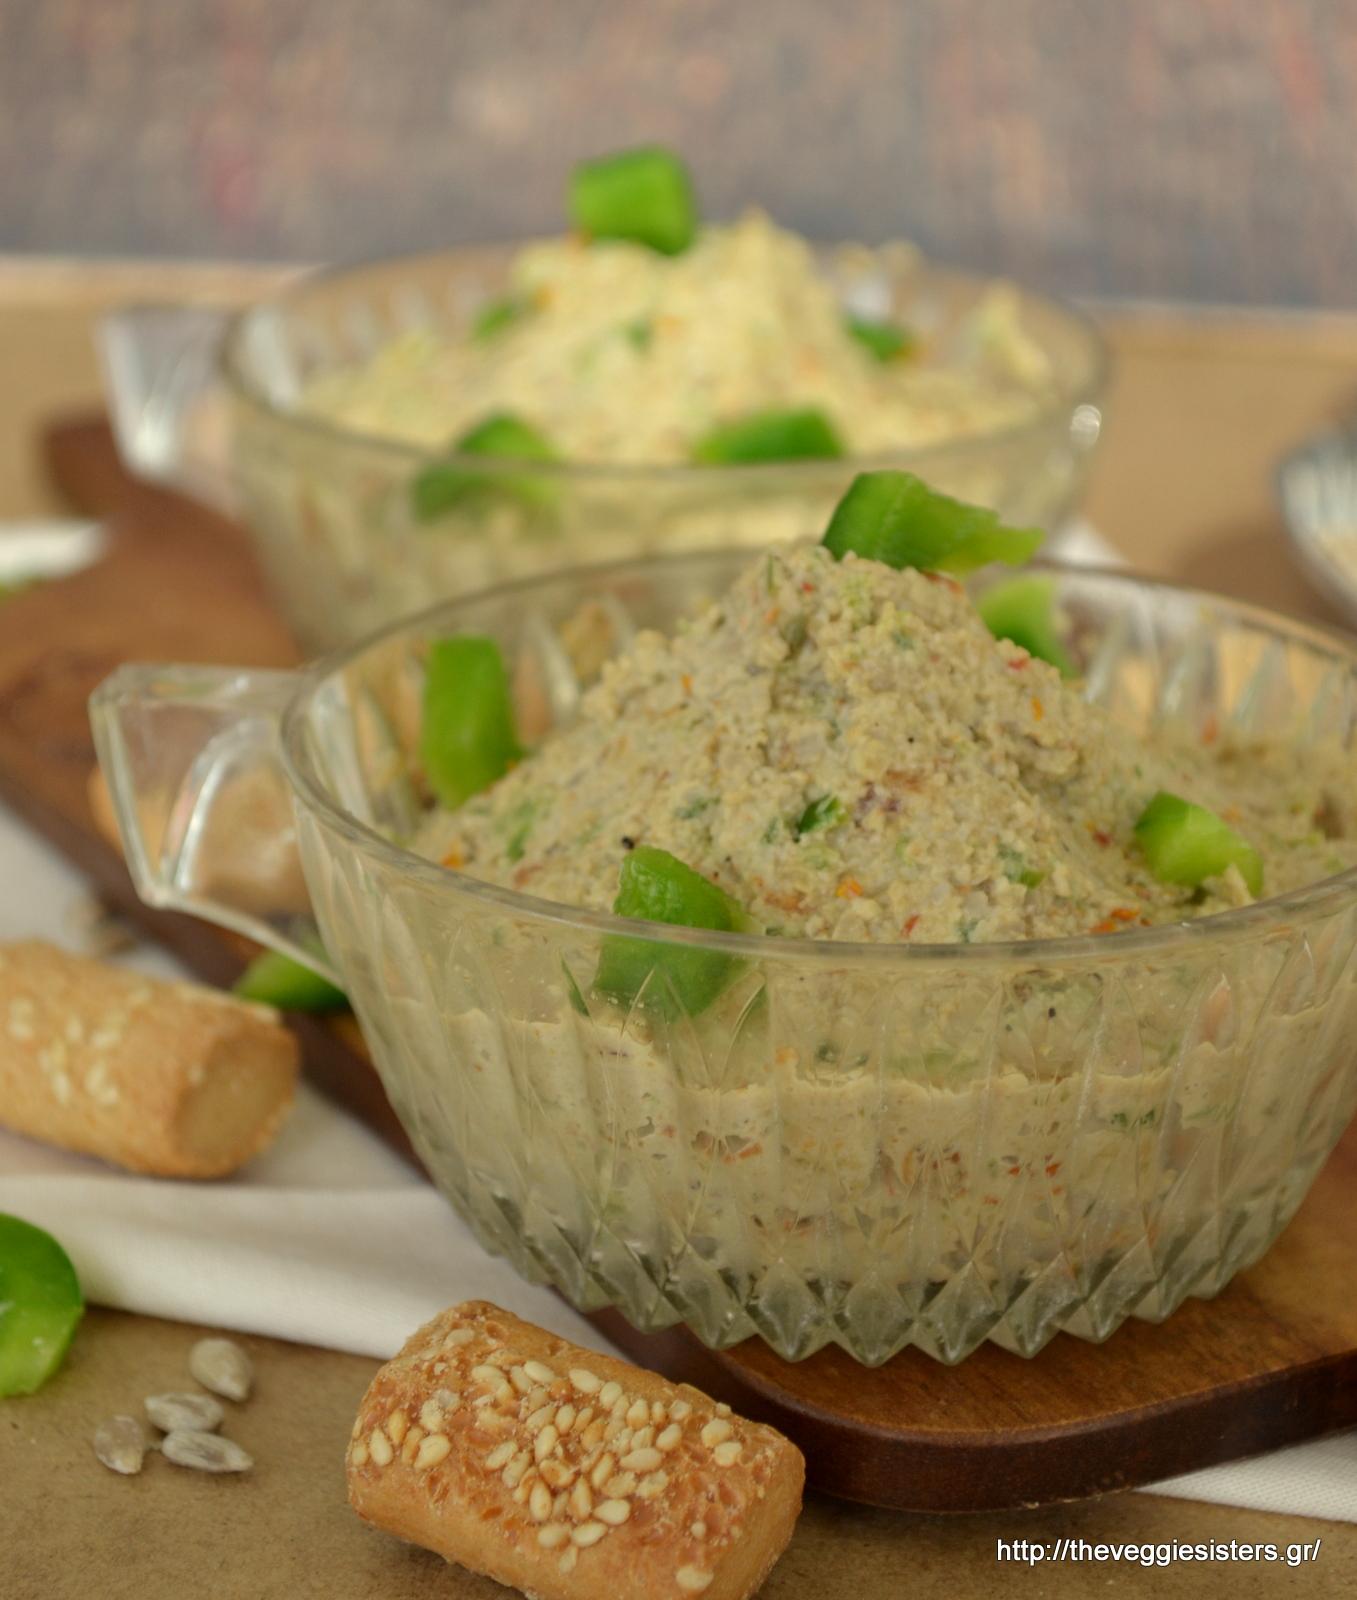 Μεσογειακή κρέμα τυριού από ηλιόσπορο ! - Mediterranean sunflower seed cream